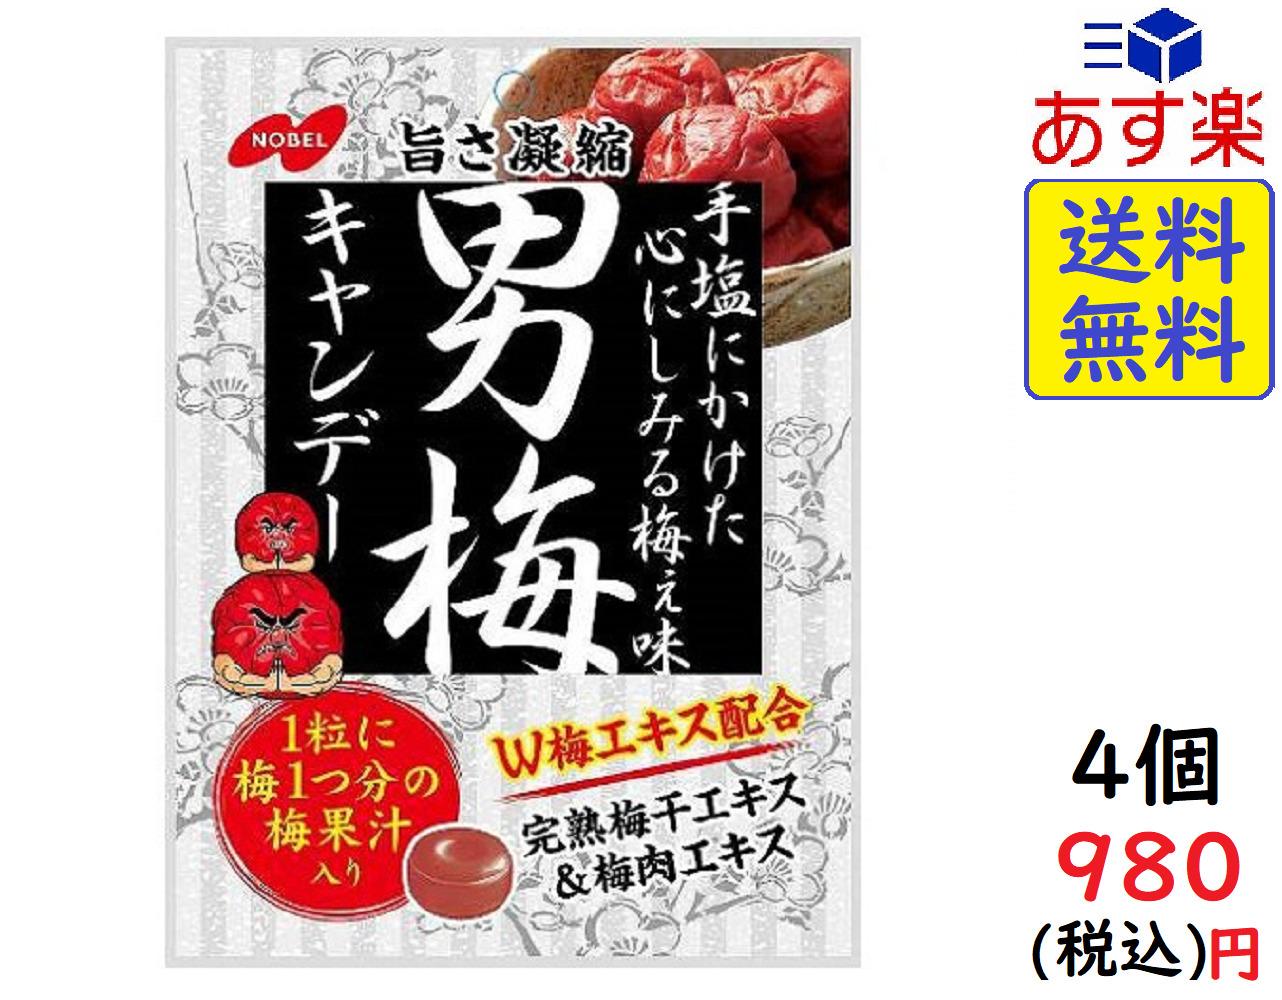 送料無料 あす楽対応 ポスト投函 ノーベル 男梅 スーパーSALE セール期間限定 超安い 賞味期限2022 キャンディー 80g×4袋 07